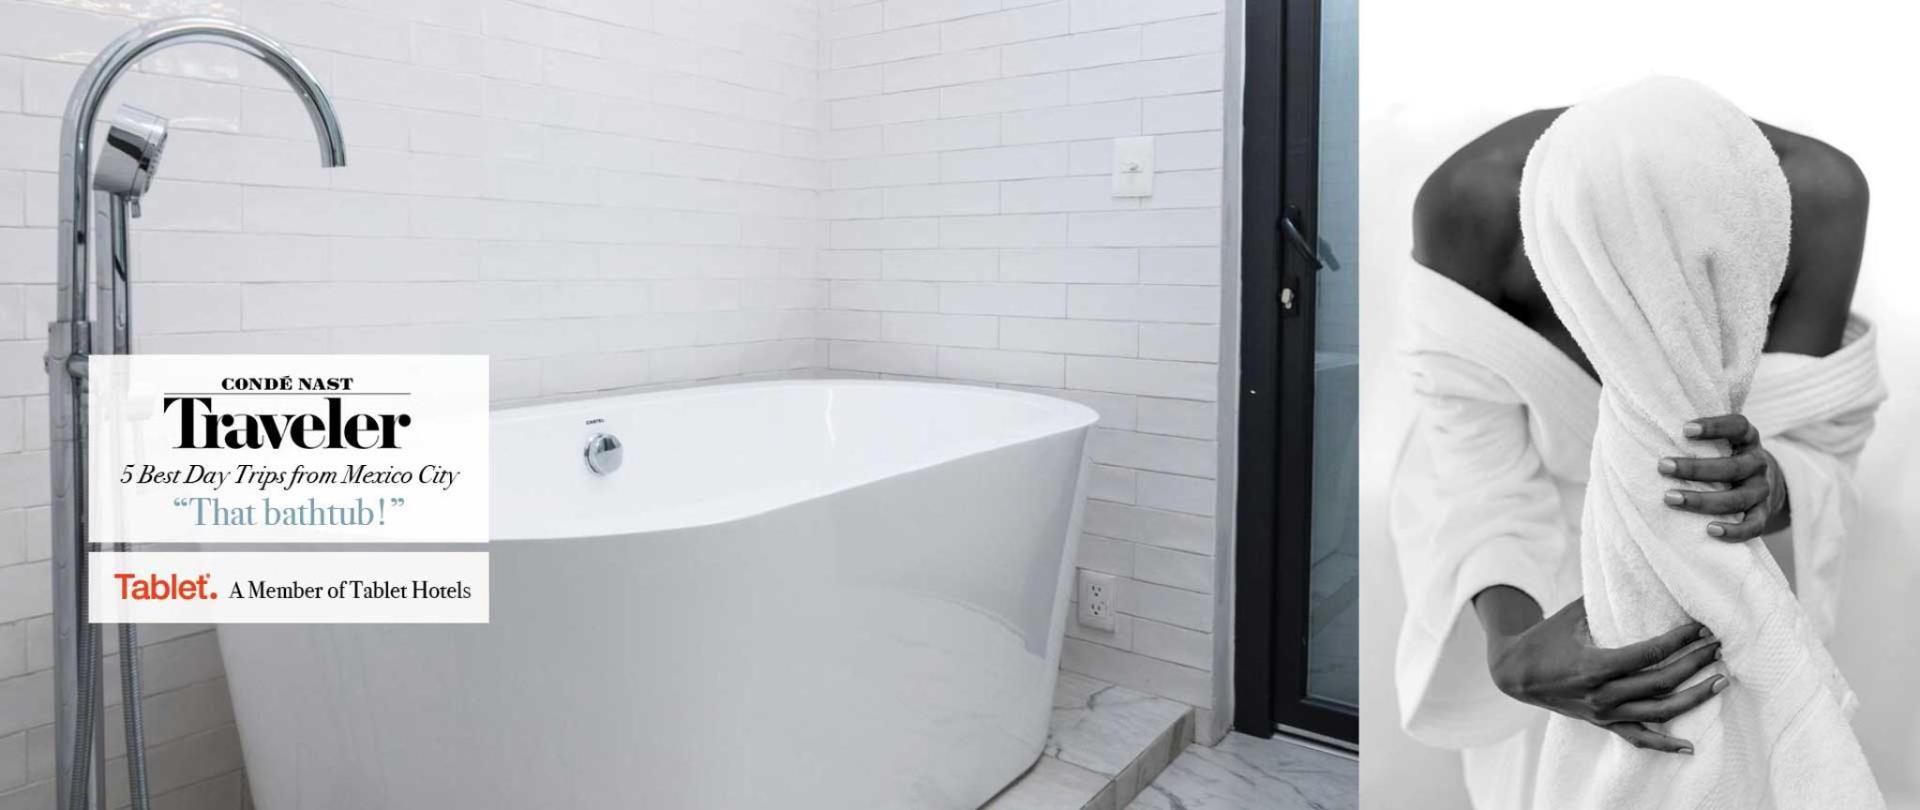 Todas las suites cuentan con amenidades de baño Malin + Goetz, Tina de baño Y Bocinas Marshall. Las Casas B+B Boutique Hotel, Spa & Restaurante en Cuernavaca.